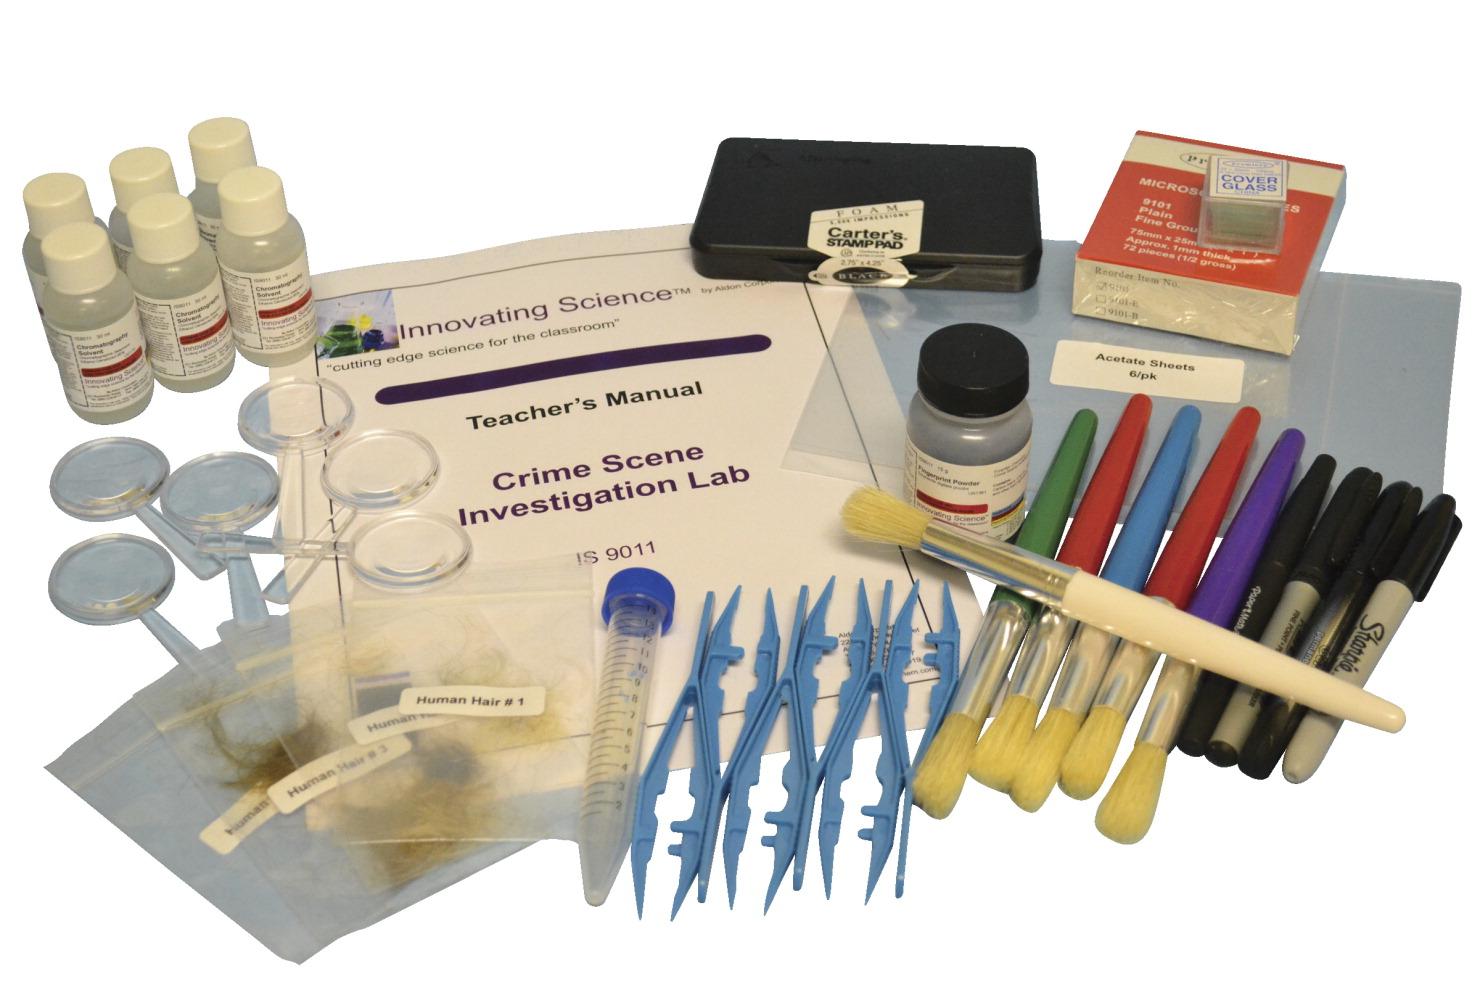 Innovating Science Investigation Kit-Crime Scene Investigation Kit